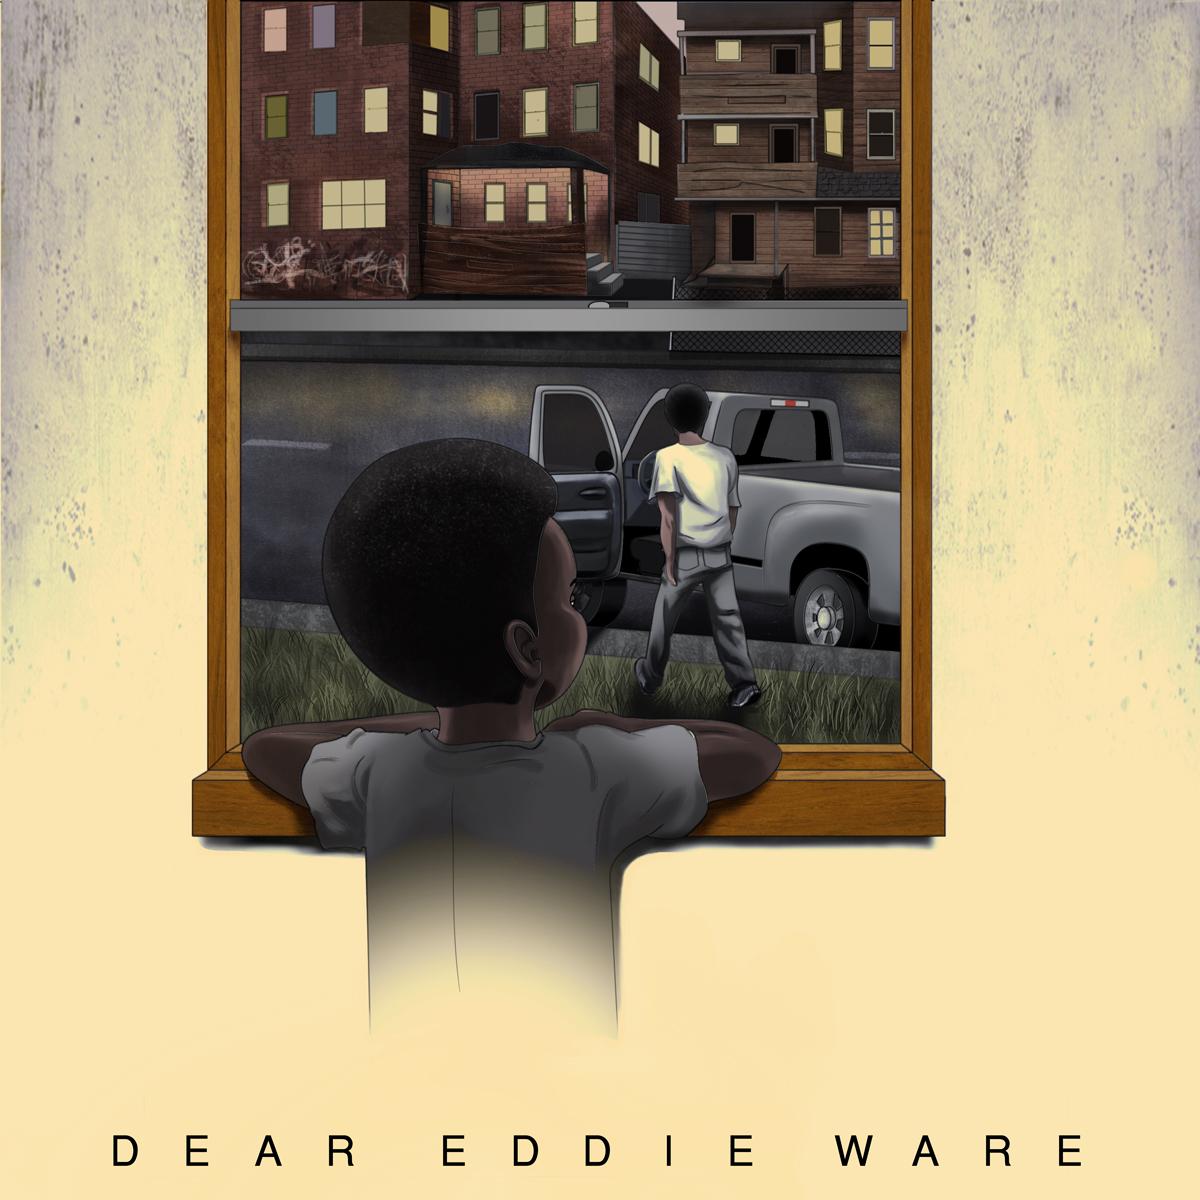 Dear Eddie Ware Album Cover